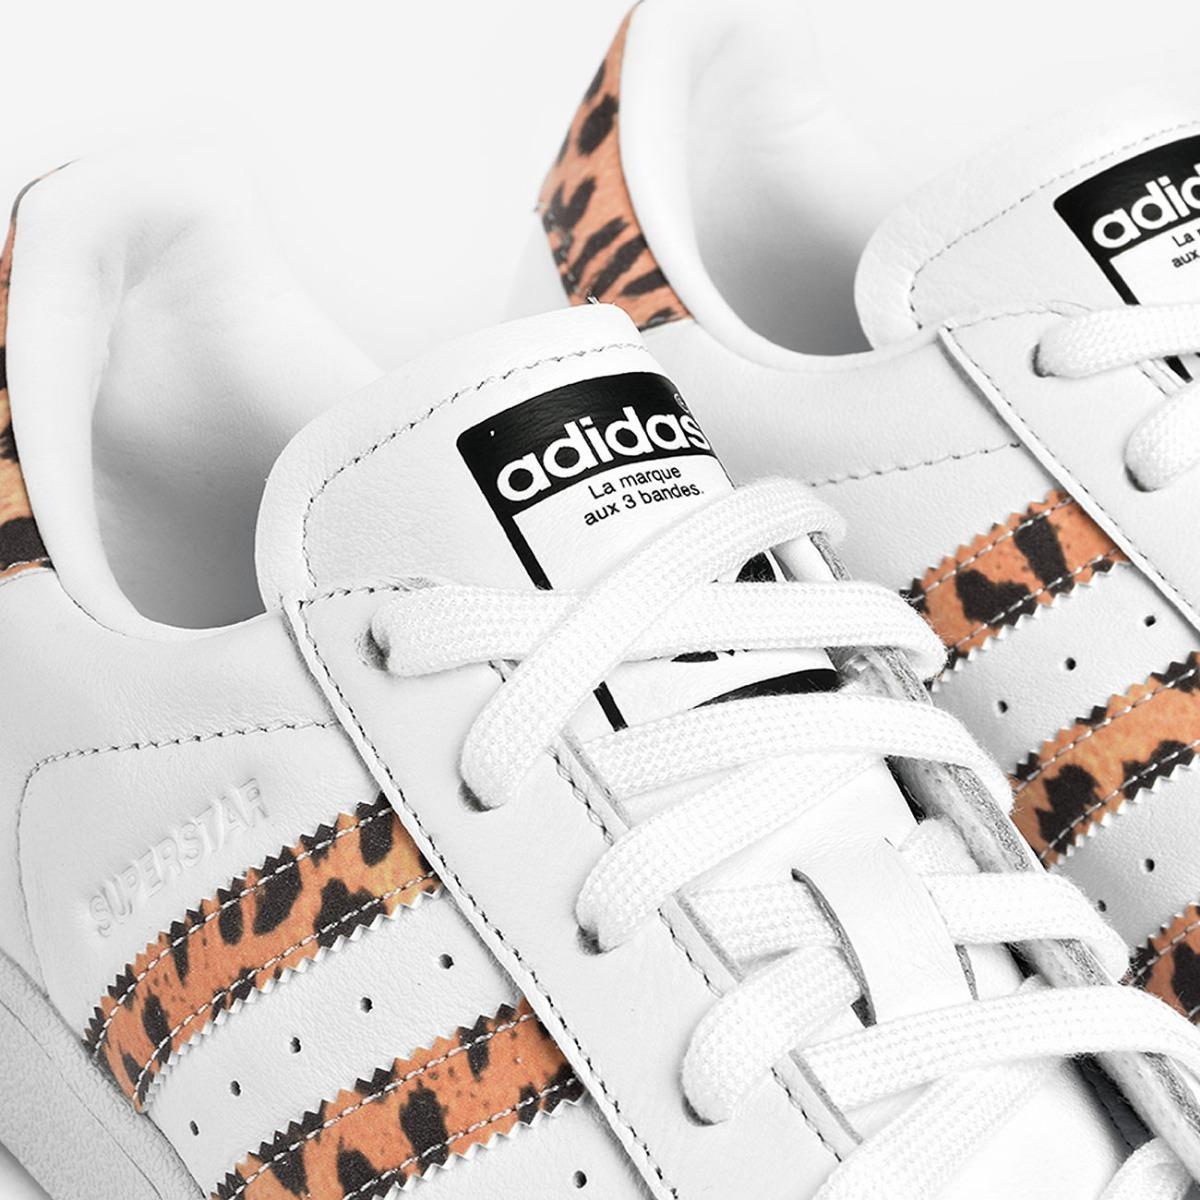 zapatillas superstar adidas blancas precio